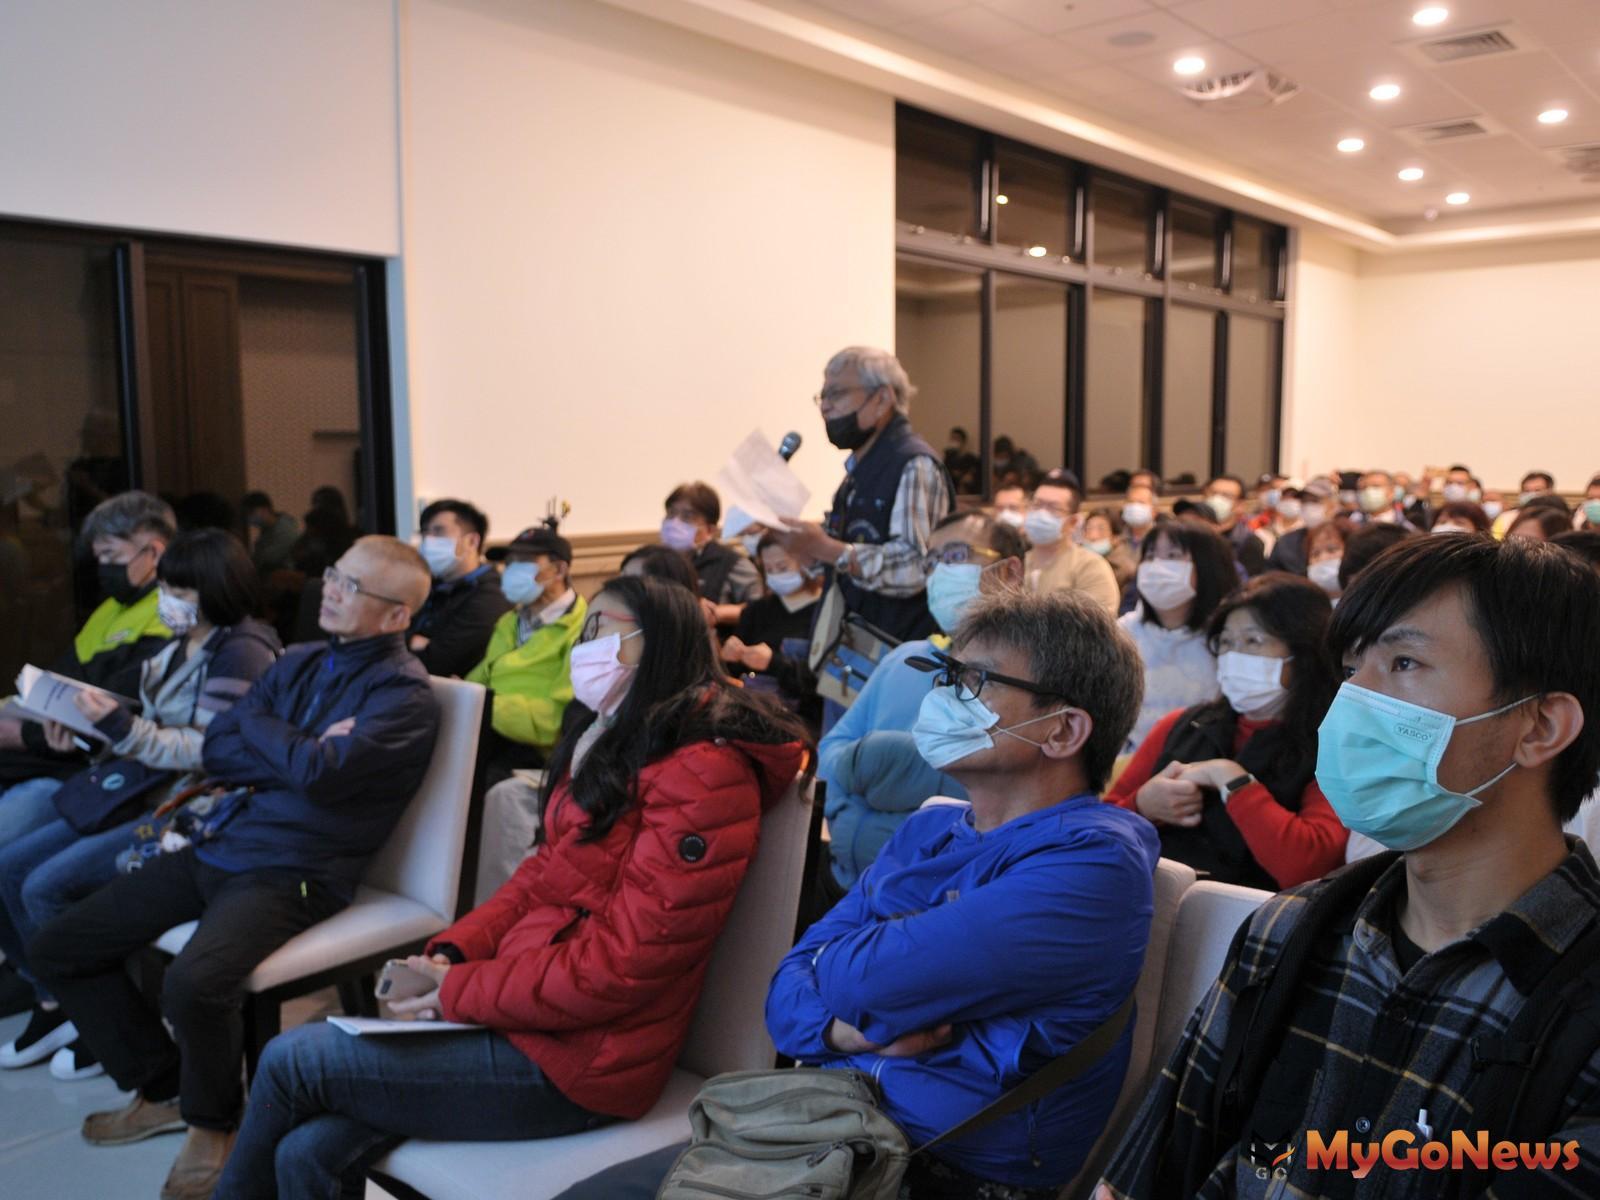 新北住都中心近日在大陳社區舉辦座談會,邀請上百位住戶到場參與。(新北住都中心提供) MyGoNews房地產新聞 區域情報